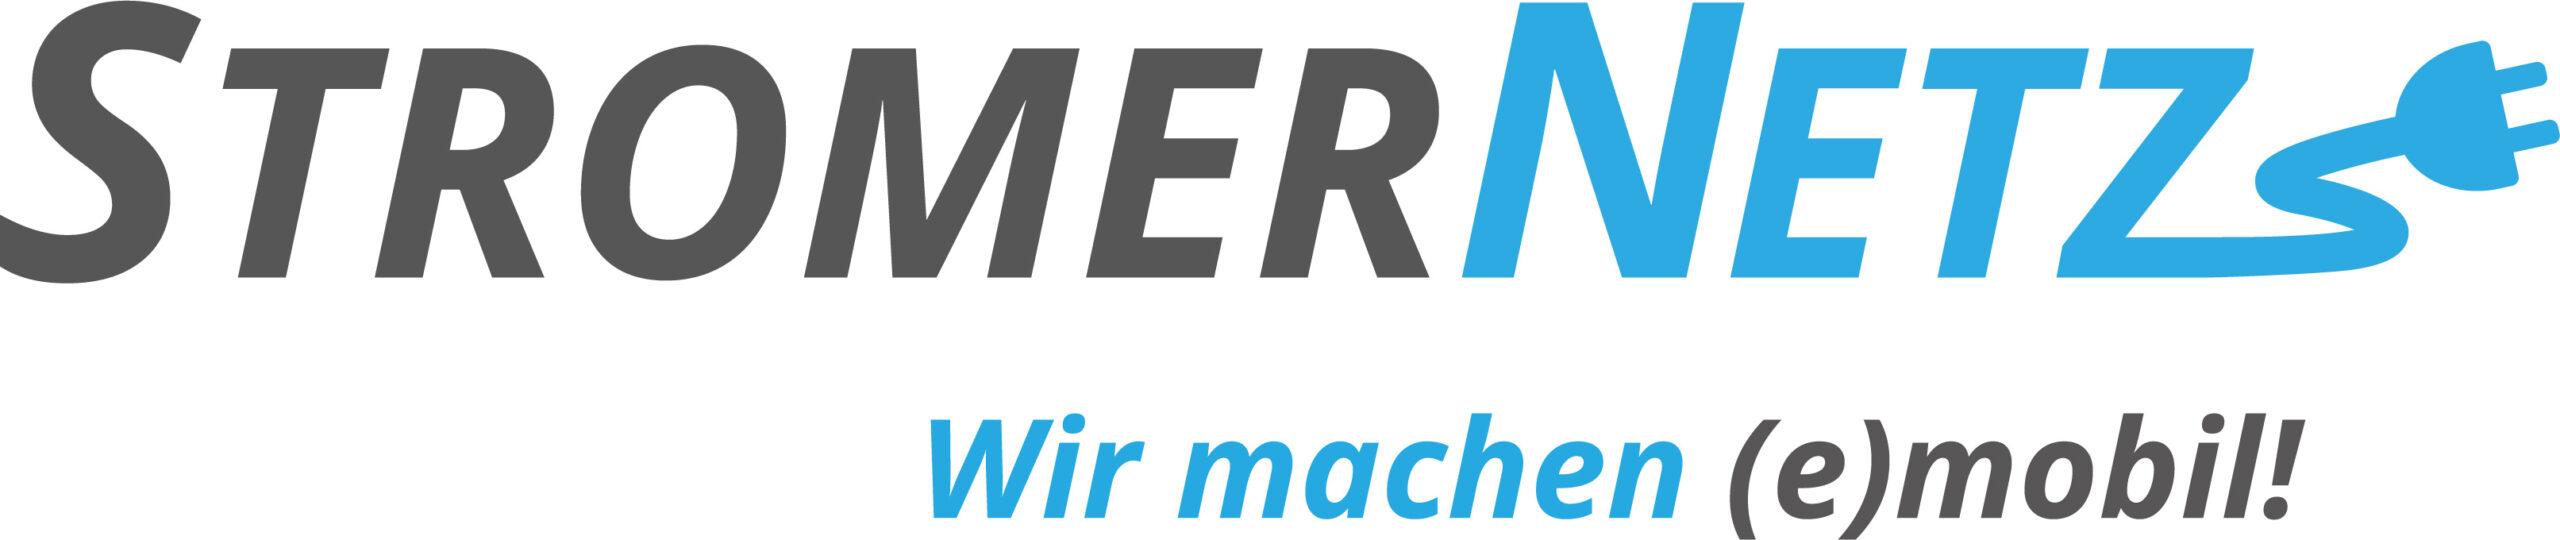 2020-08-28_5f48cebcad6bf_StromerNetz_Logo_Slogan_Final_RGB